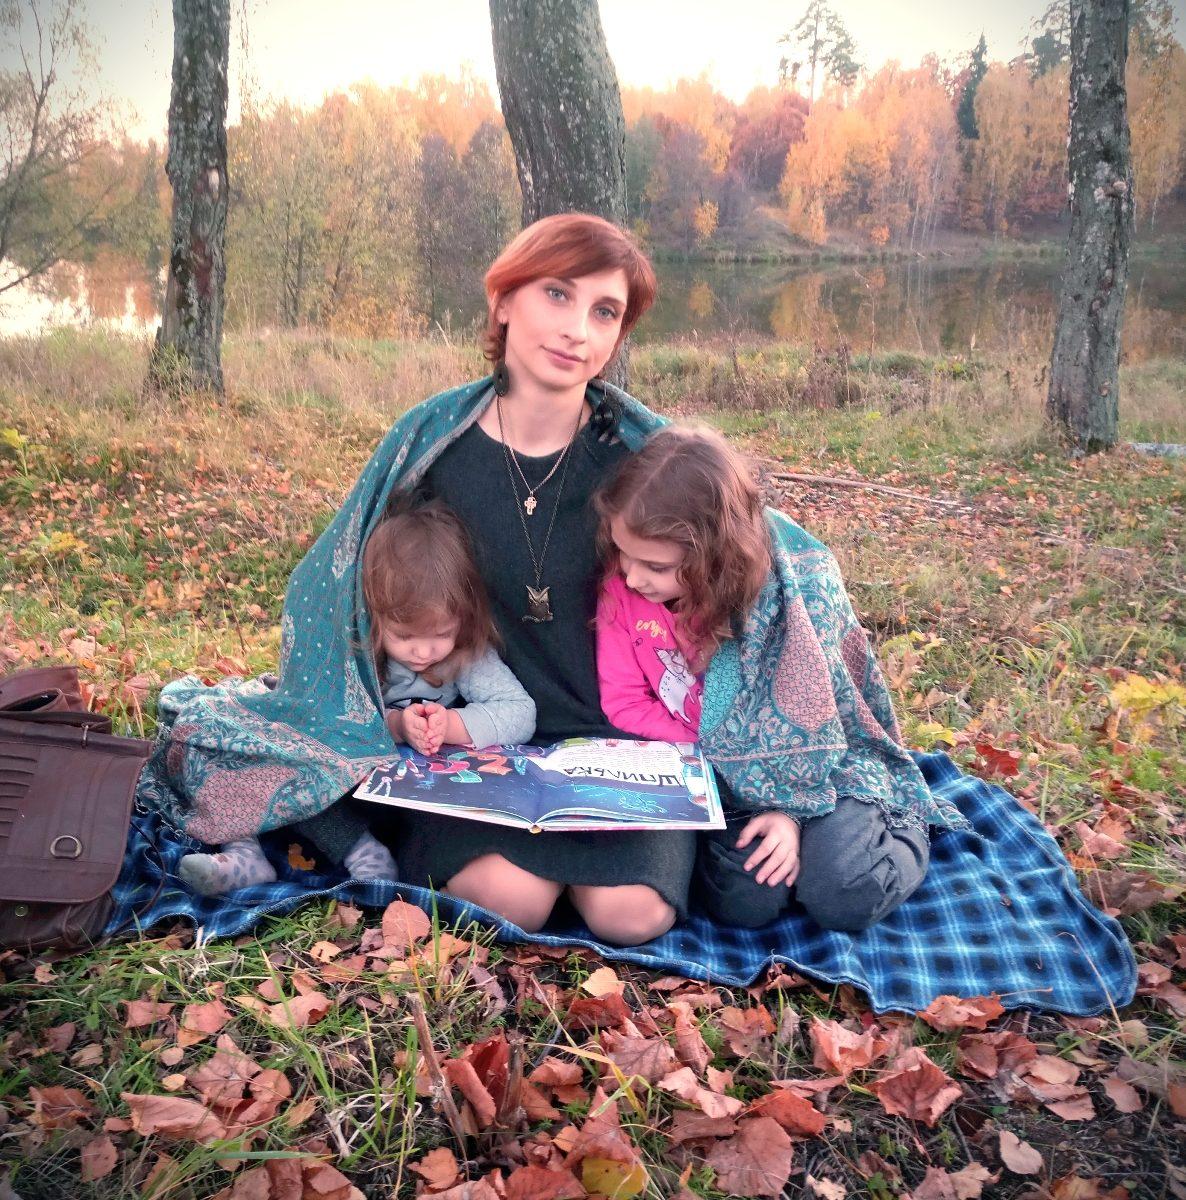 Собравшись вместе на природе,мы читаем книги.. Вместе весело!